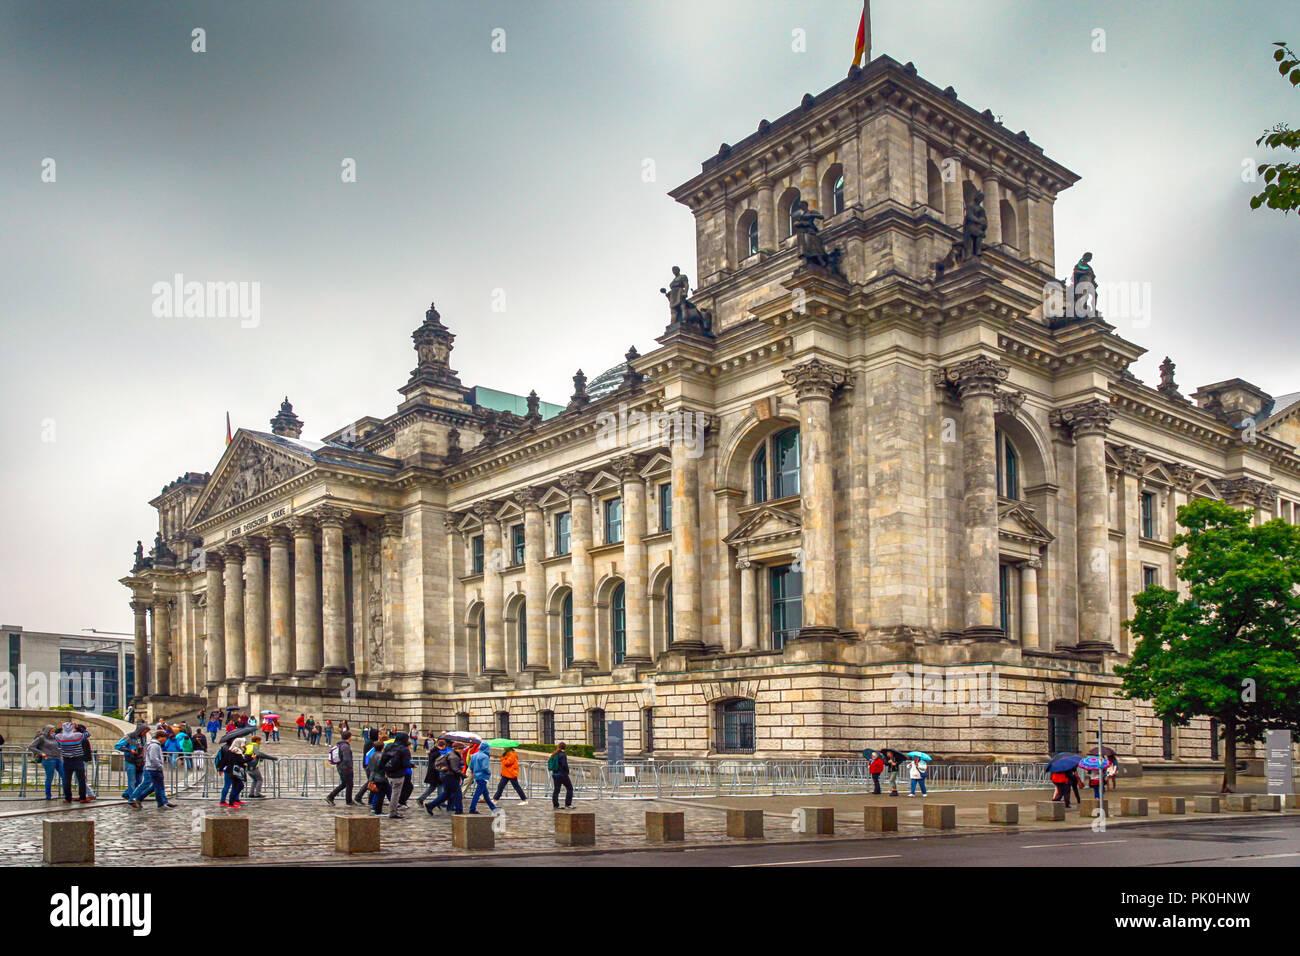 The Deutscher Bundestag (parliament building) in Berlin, Germany - Stock Image